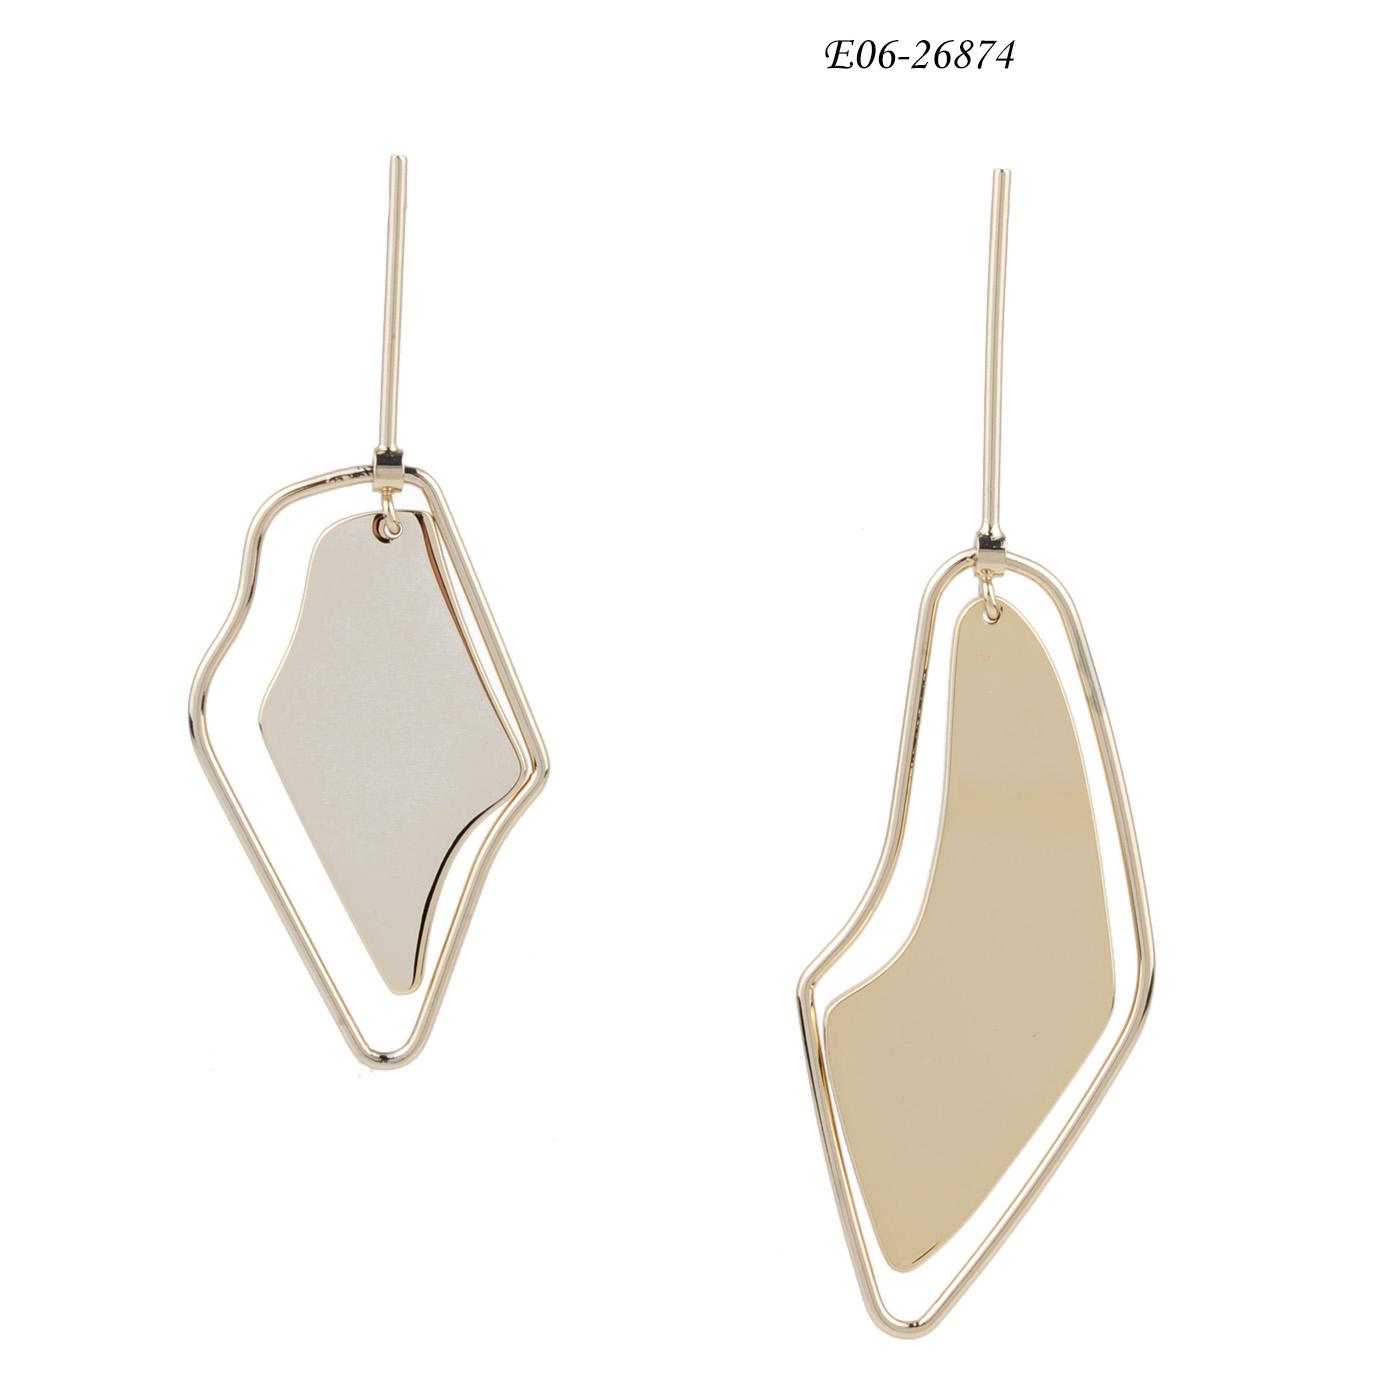 chandelier earrings E06-26874